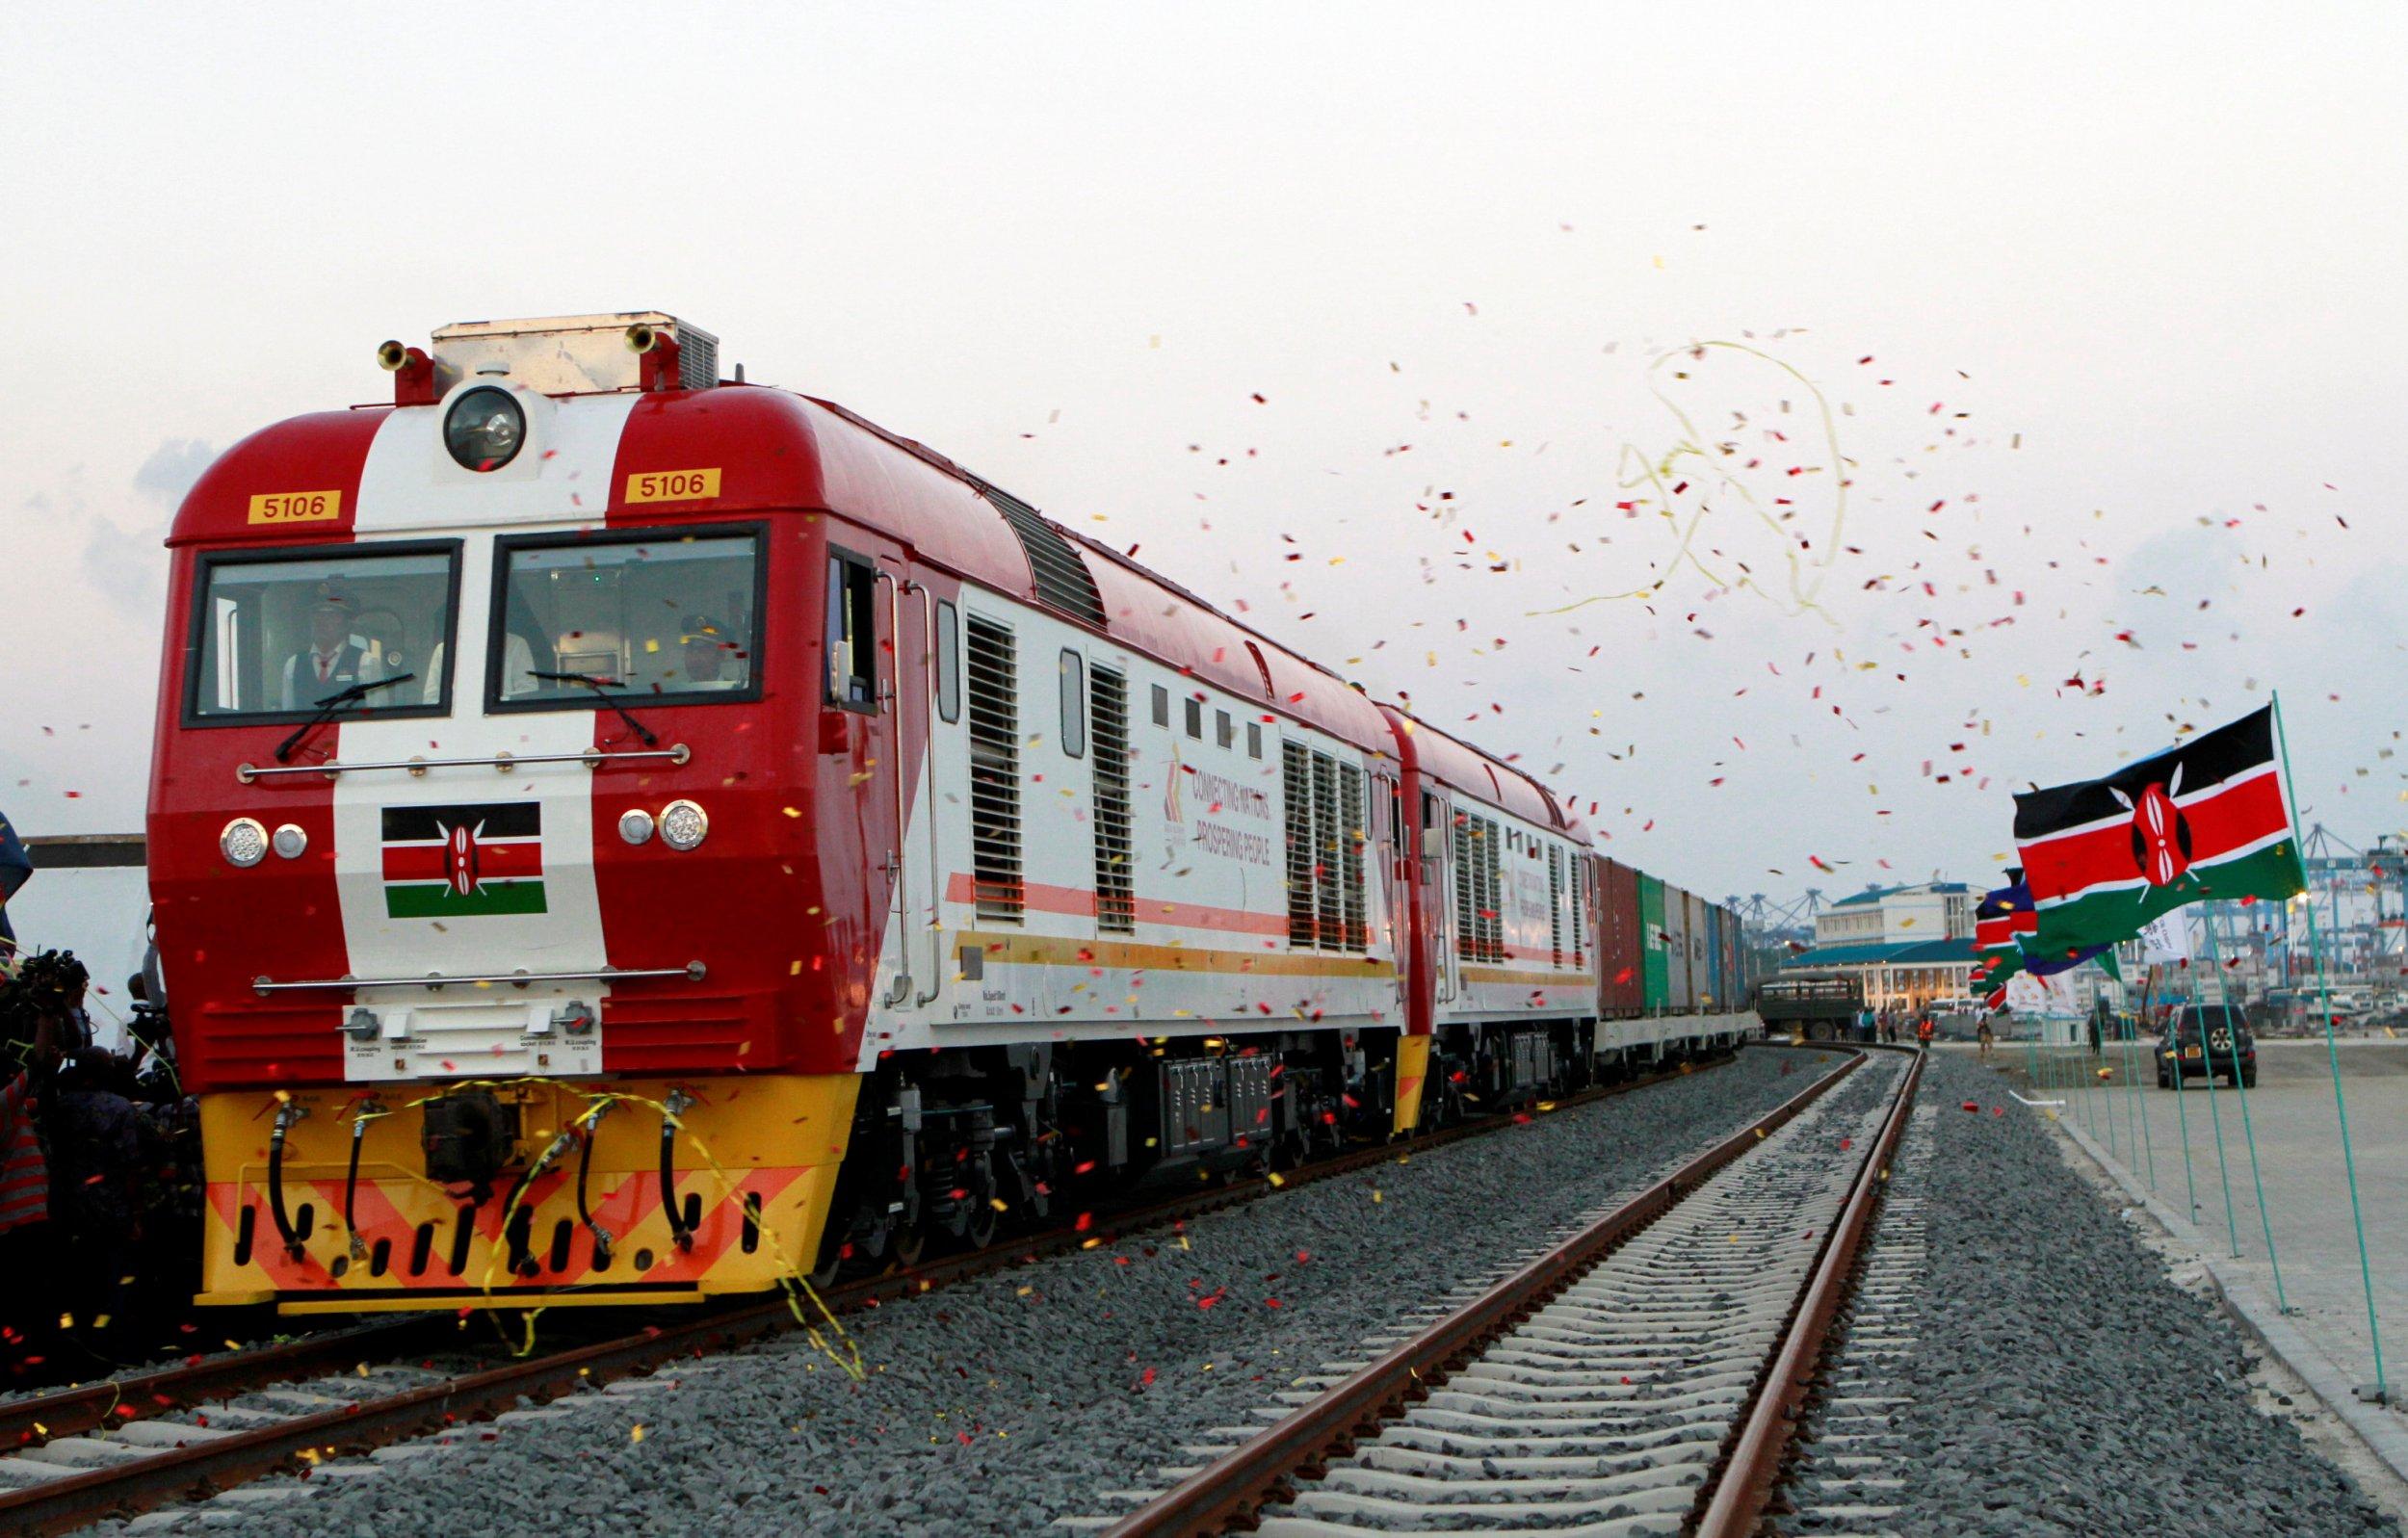 Kenya Madaraka railway